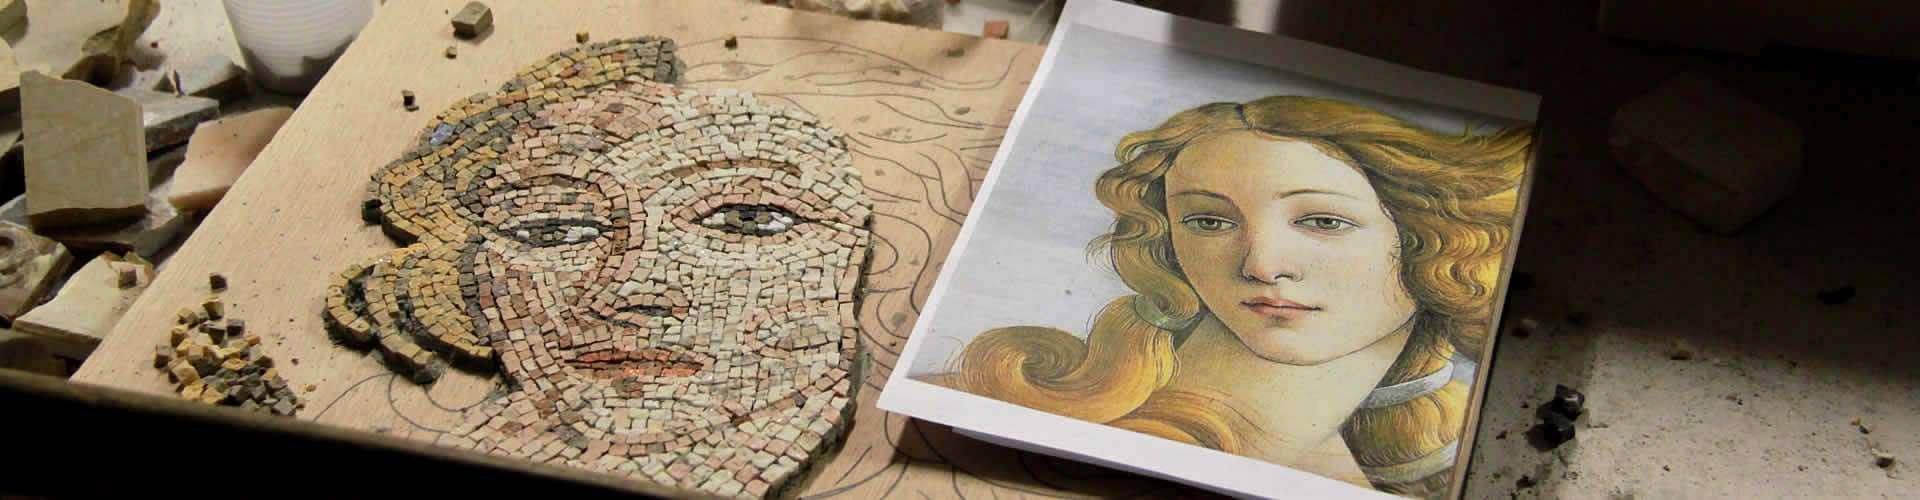 Laboratori di Archeologia Affresco e Mosaico